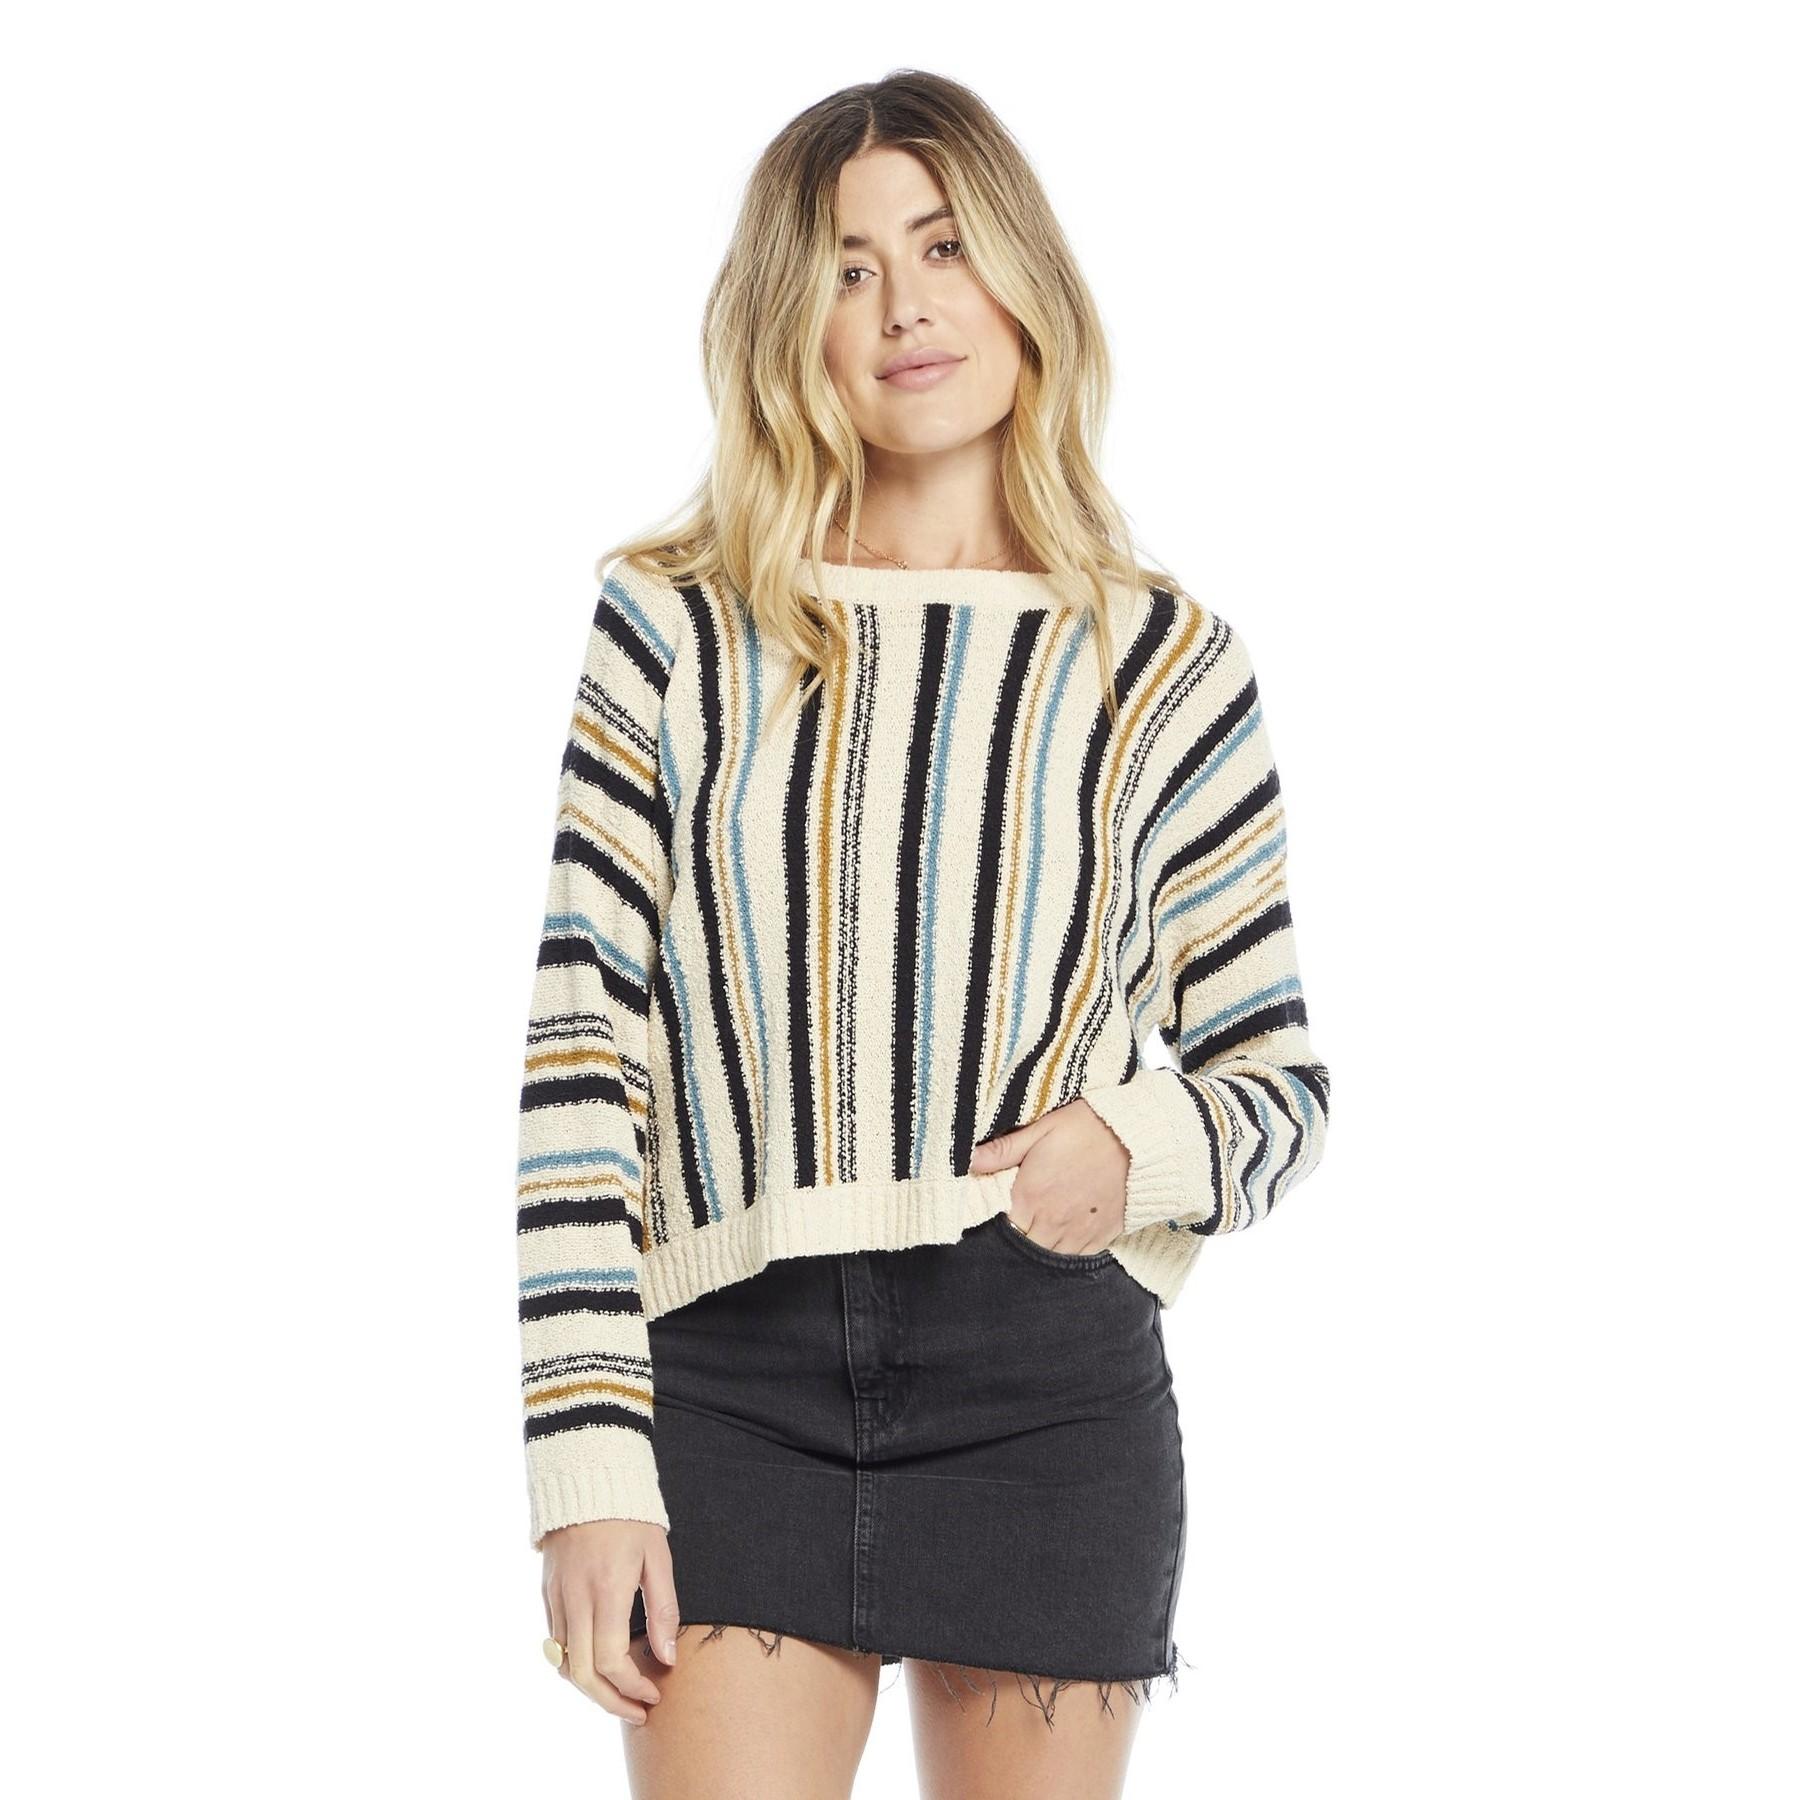 Autumn Sweater (Vanilla Stripe)